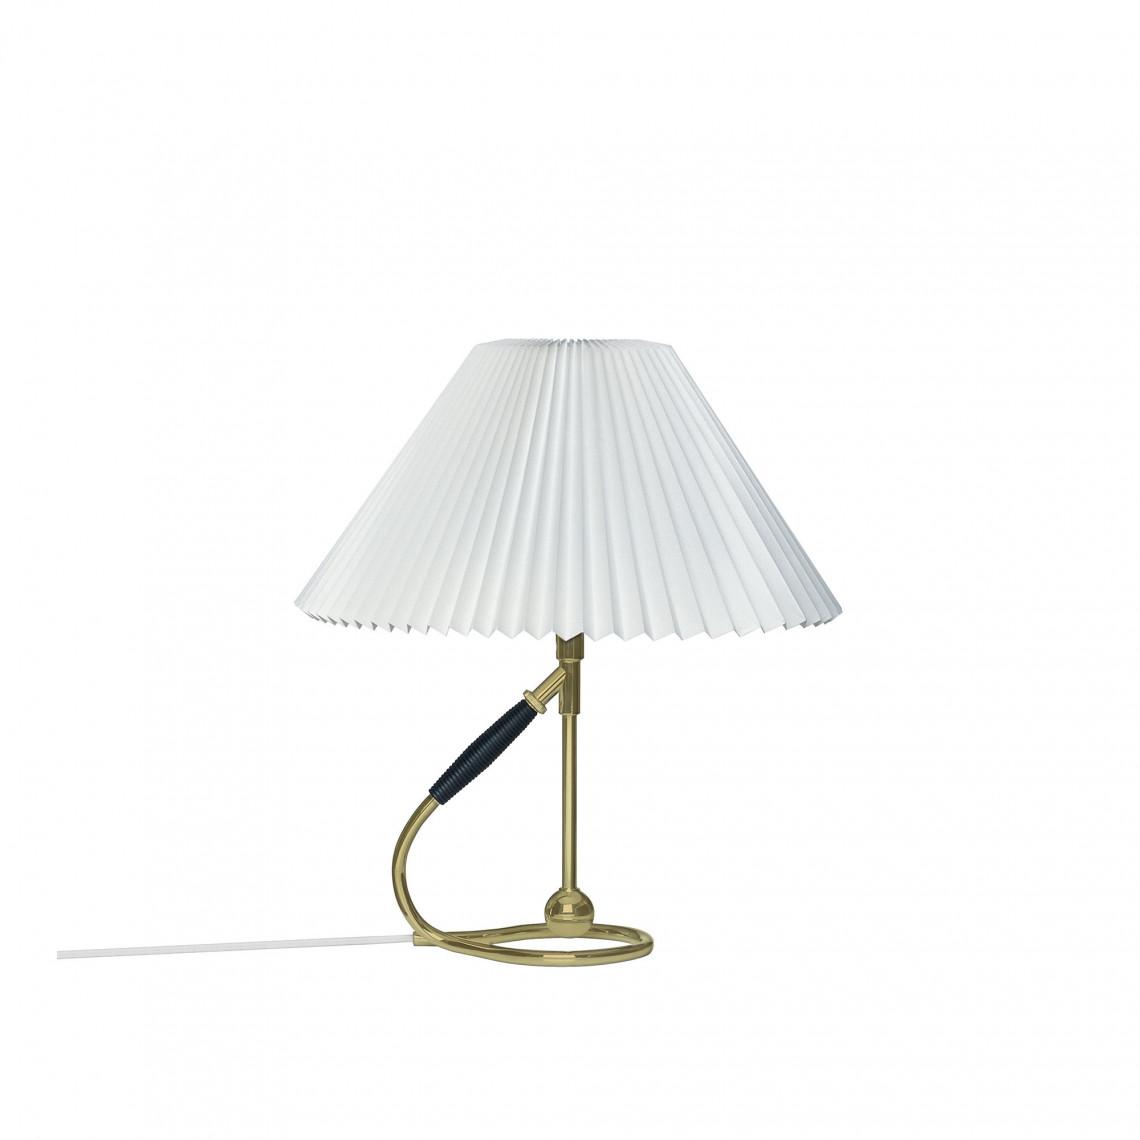 306 Bords-/Vägglampa Mässing